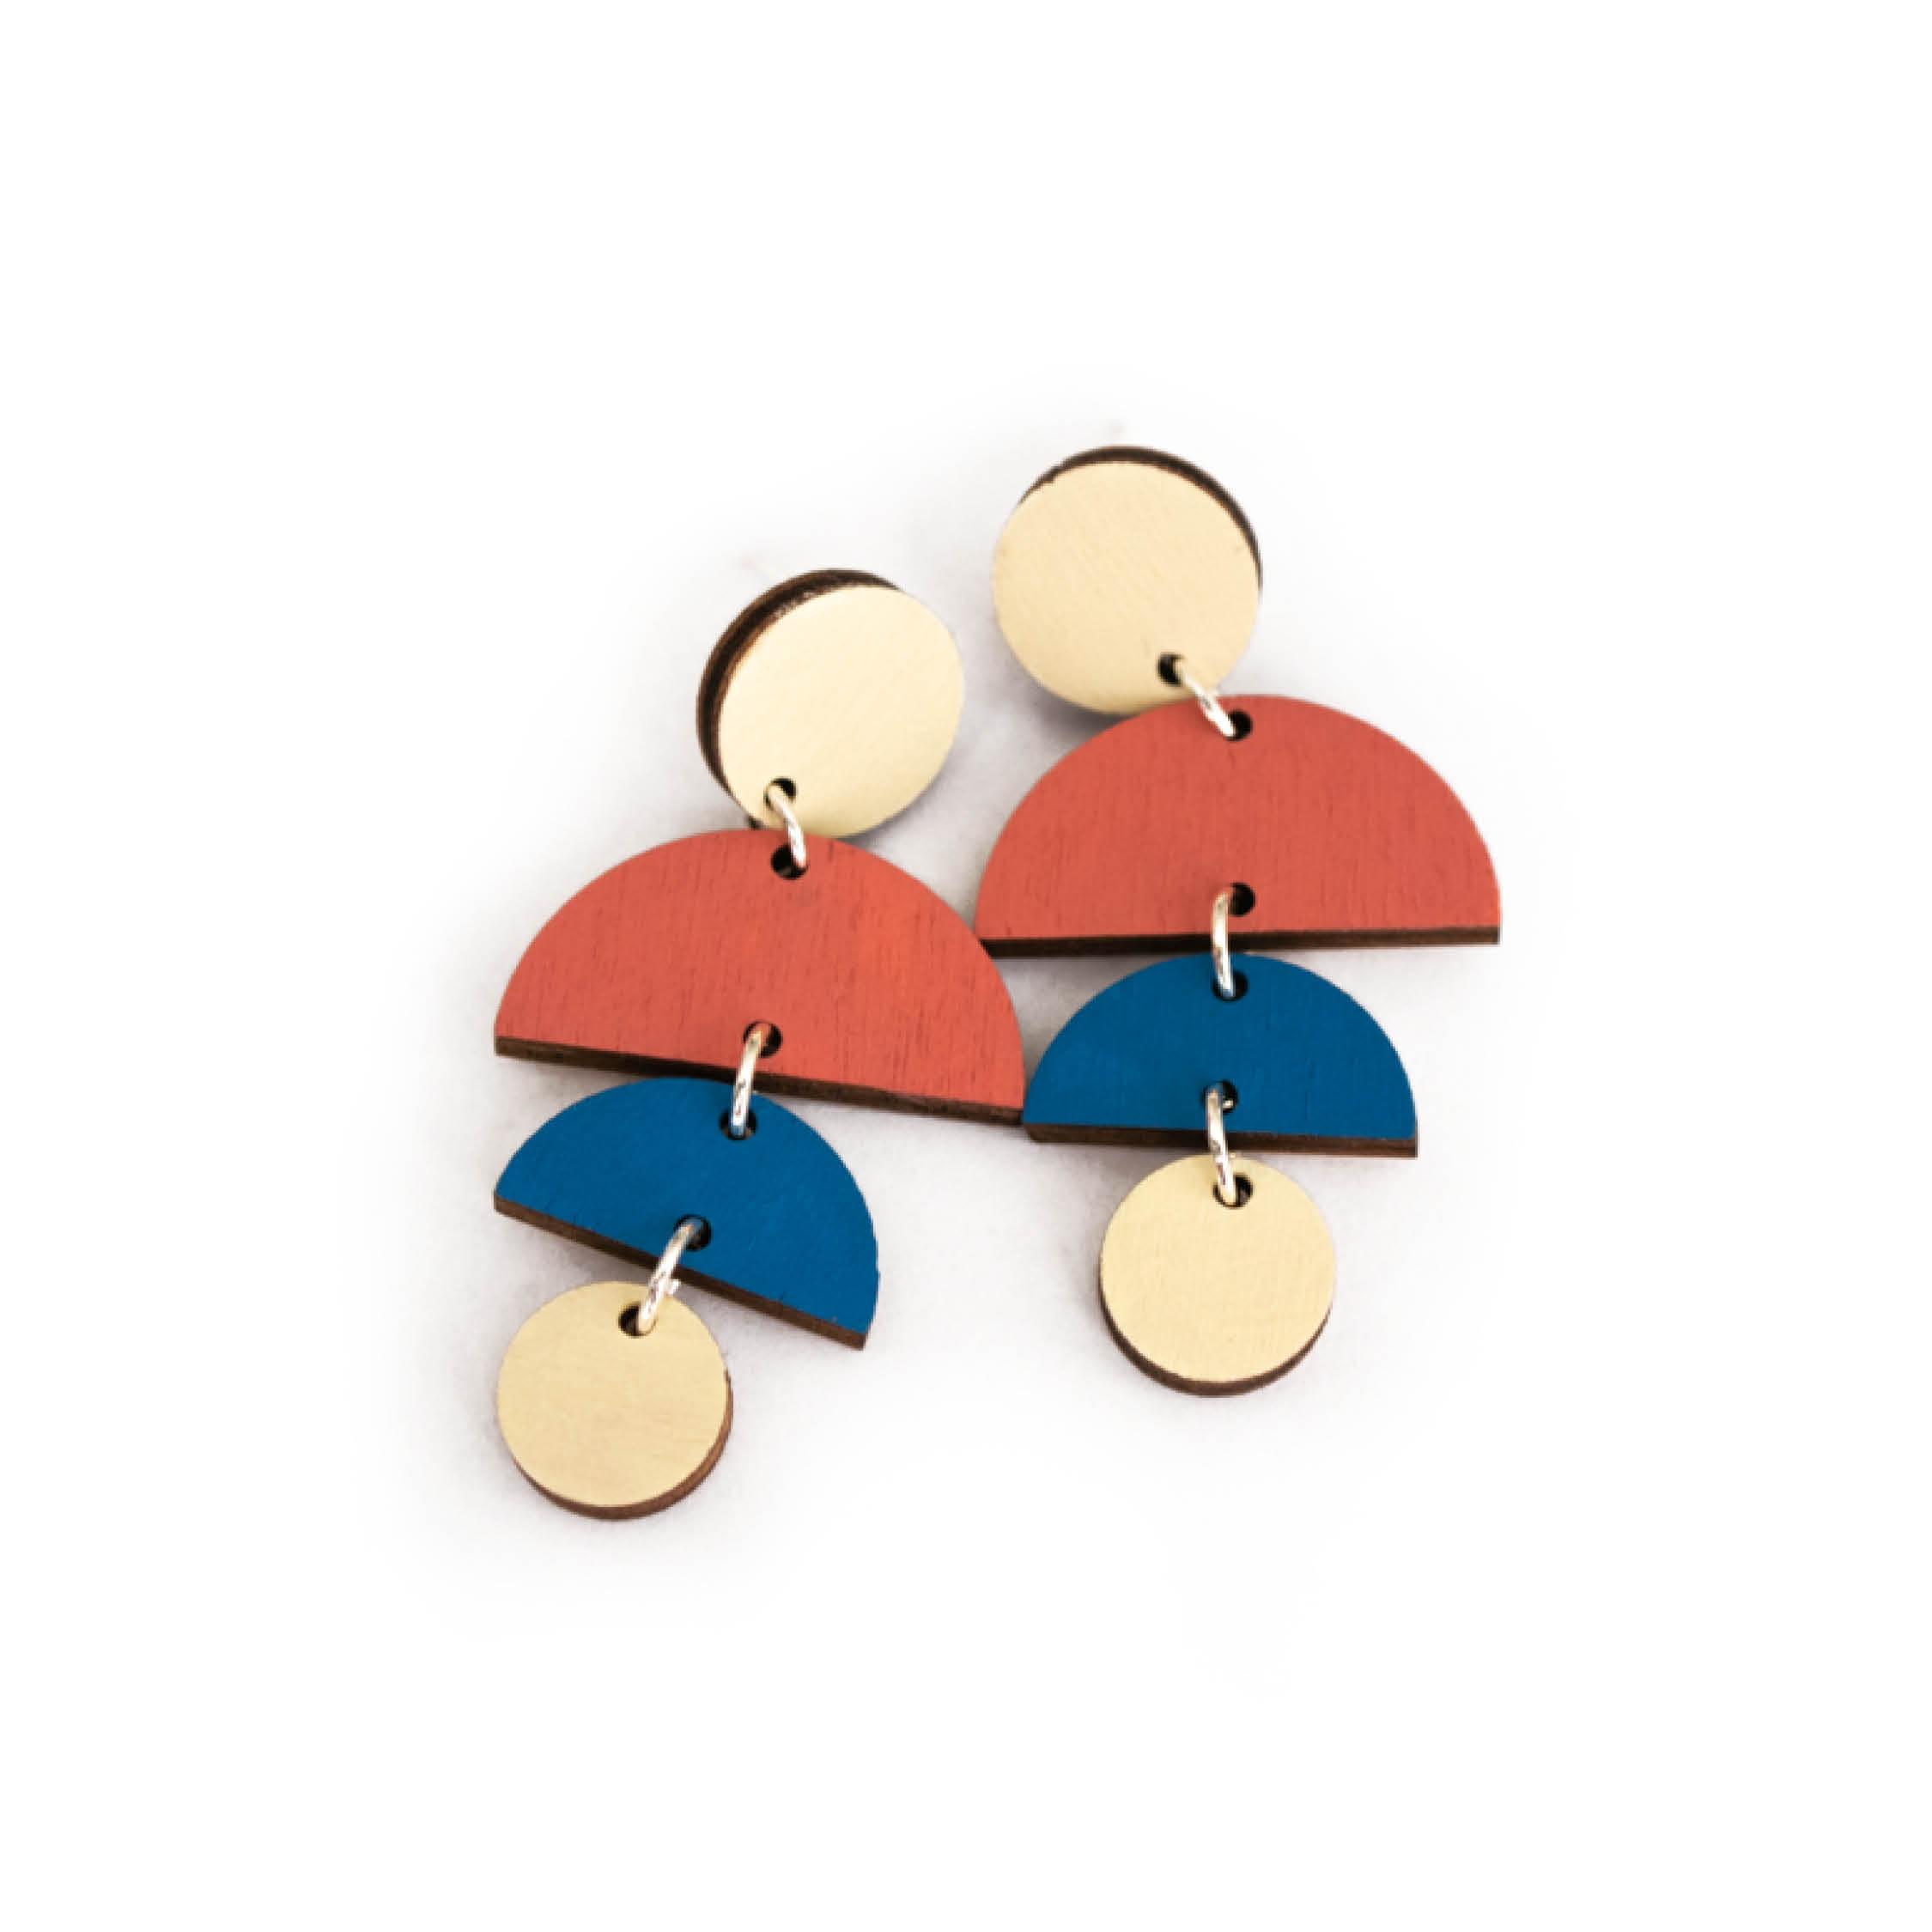 Handgemaakte sieraden van hout